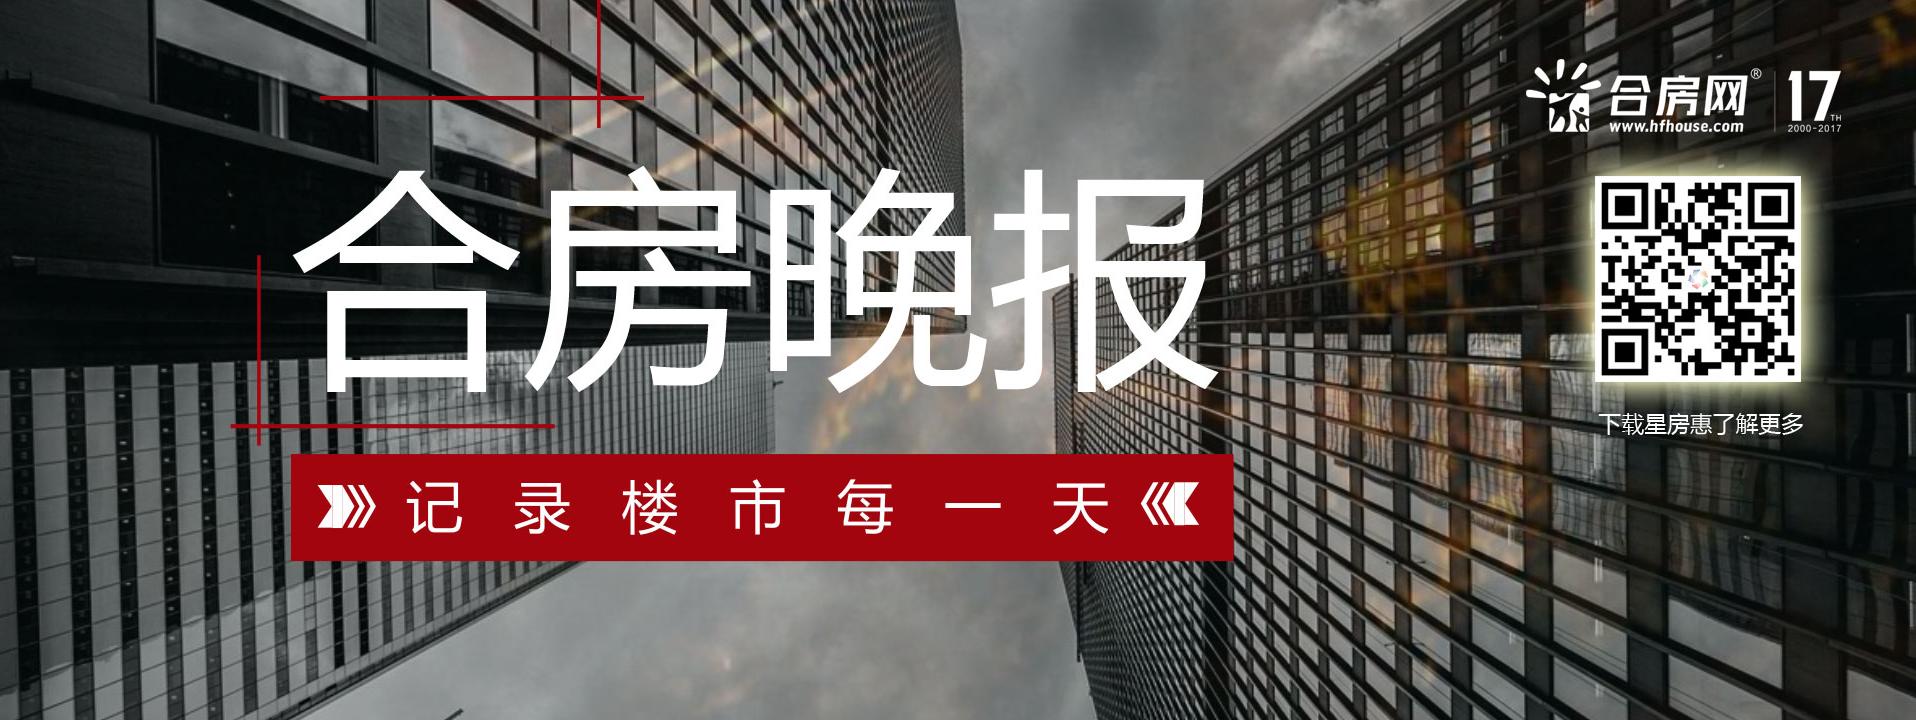 【12月20日合房网晚新闻】 快讯:滨湖时光印象备案448套房源 均价16799元/㎡